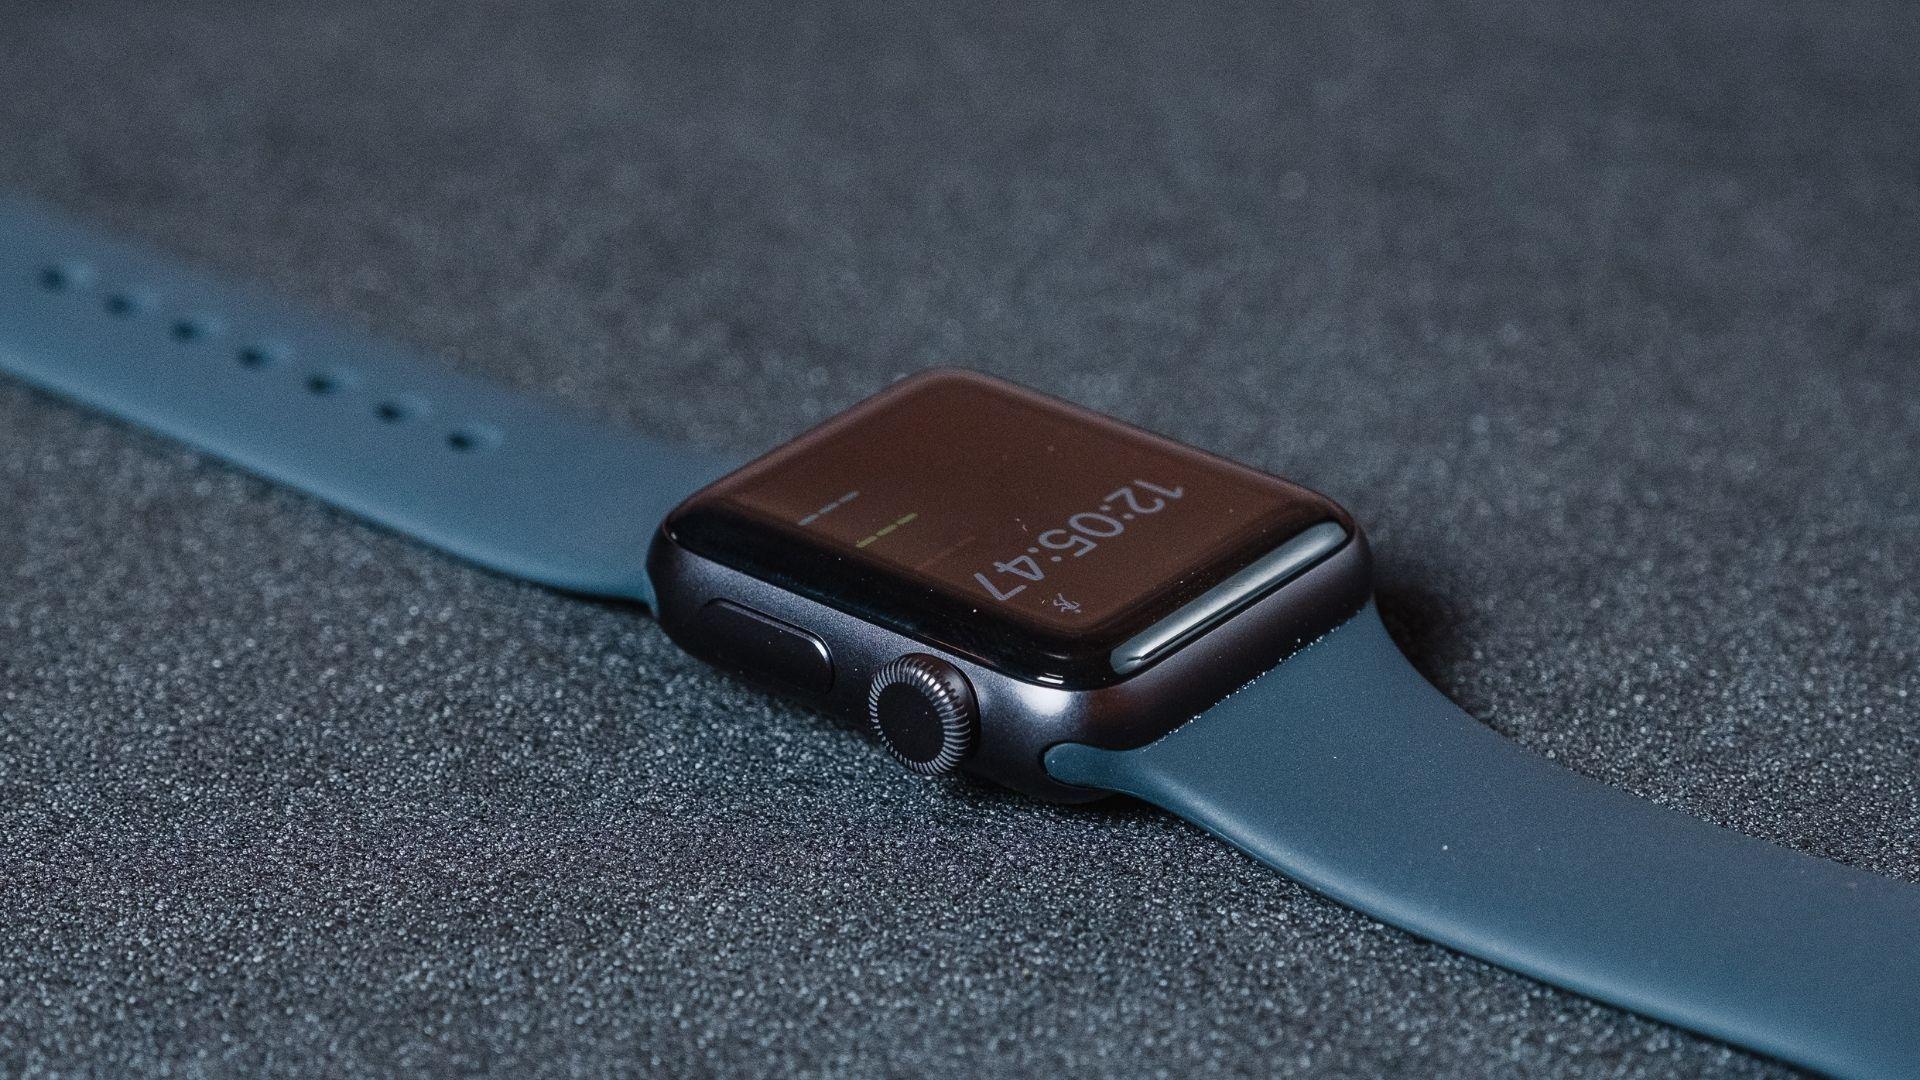 Apple Watch 3 de lado em um fundo cinza mostrando a coroa digital e o botão